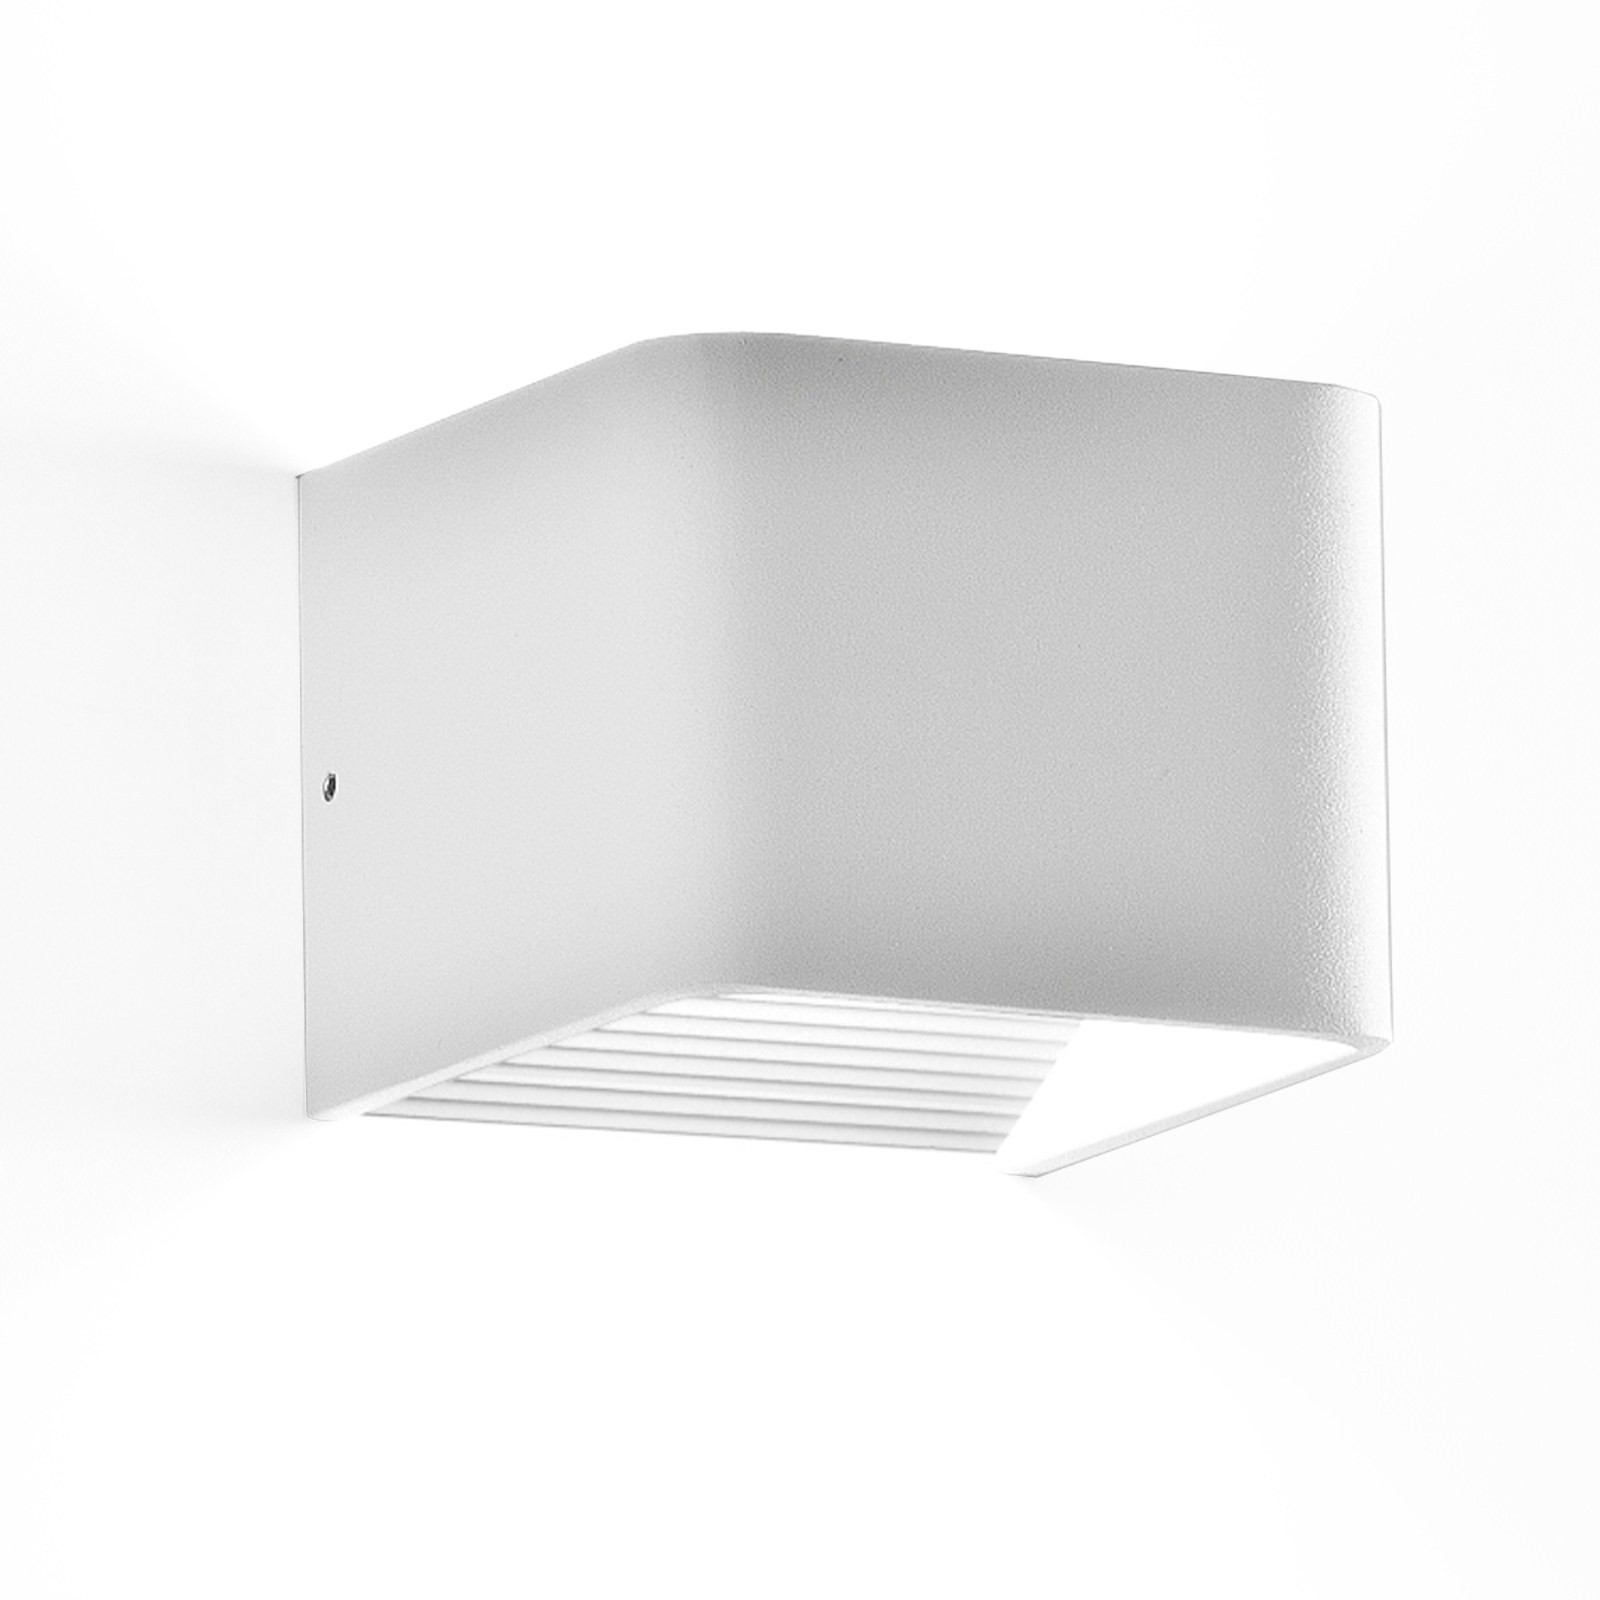 Faretti Da Parete Interni: Alea lampada da parete professioneluce ...